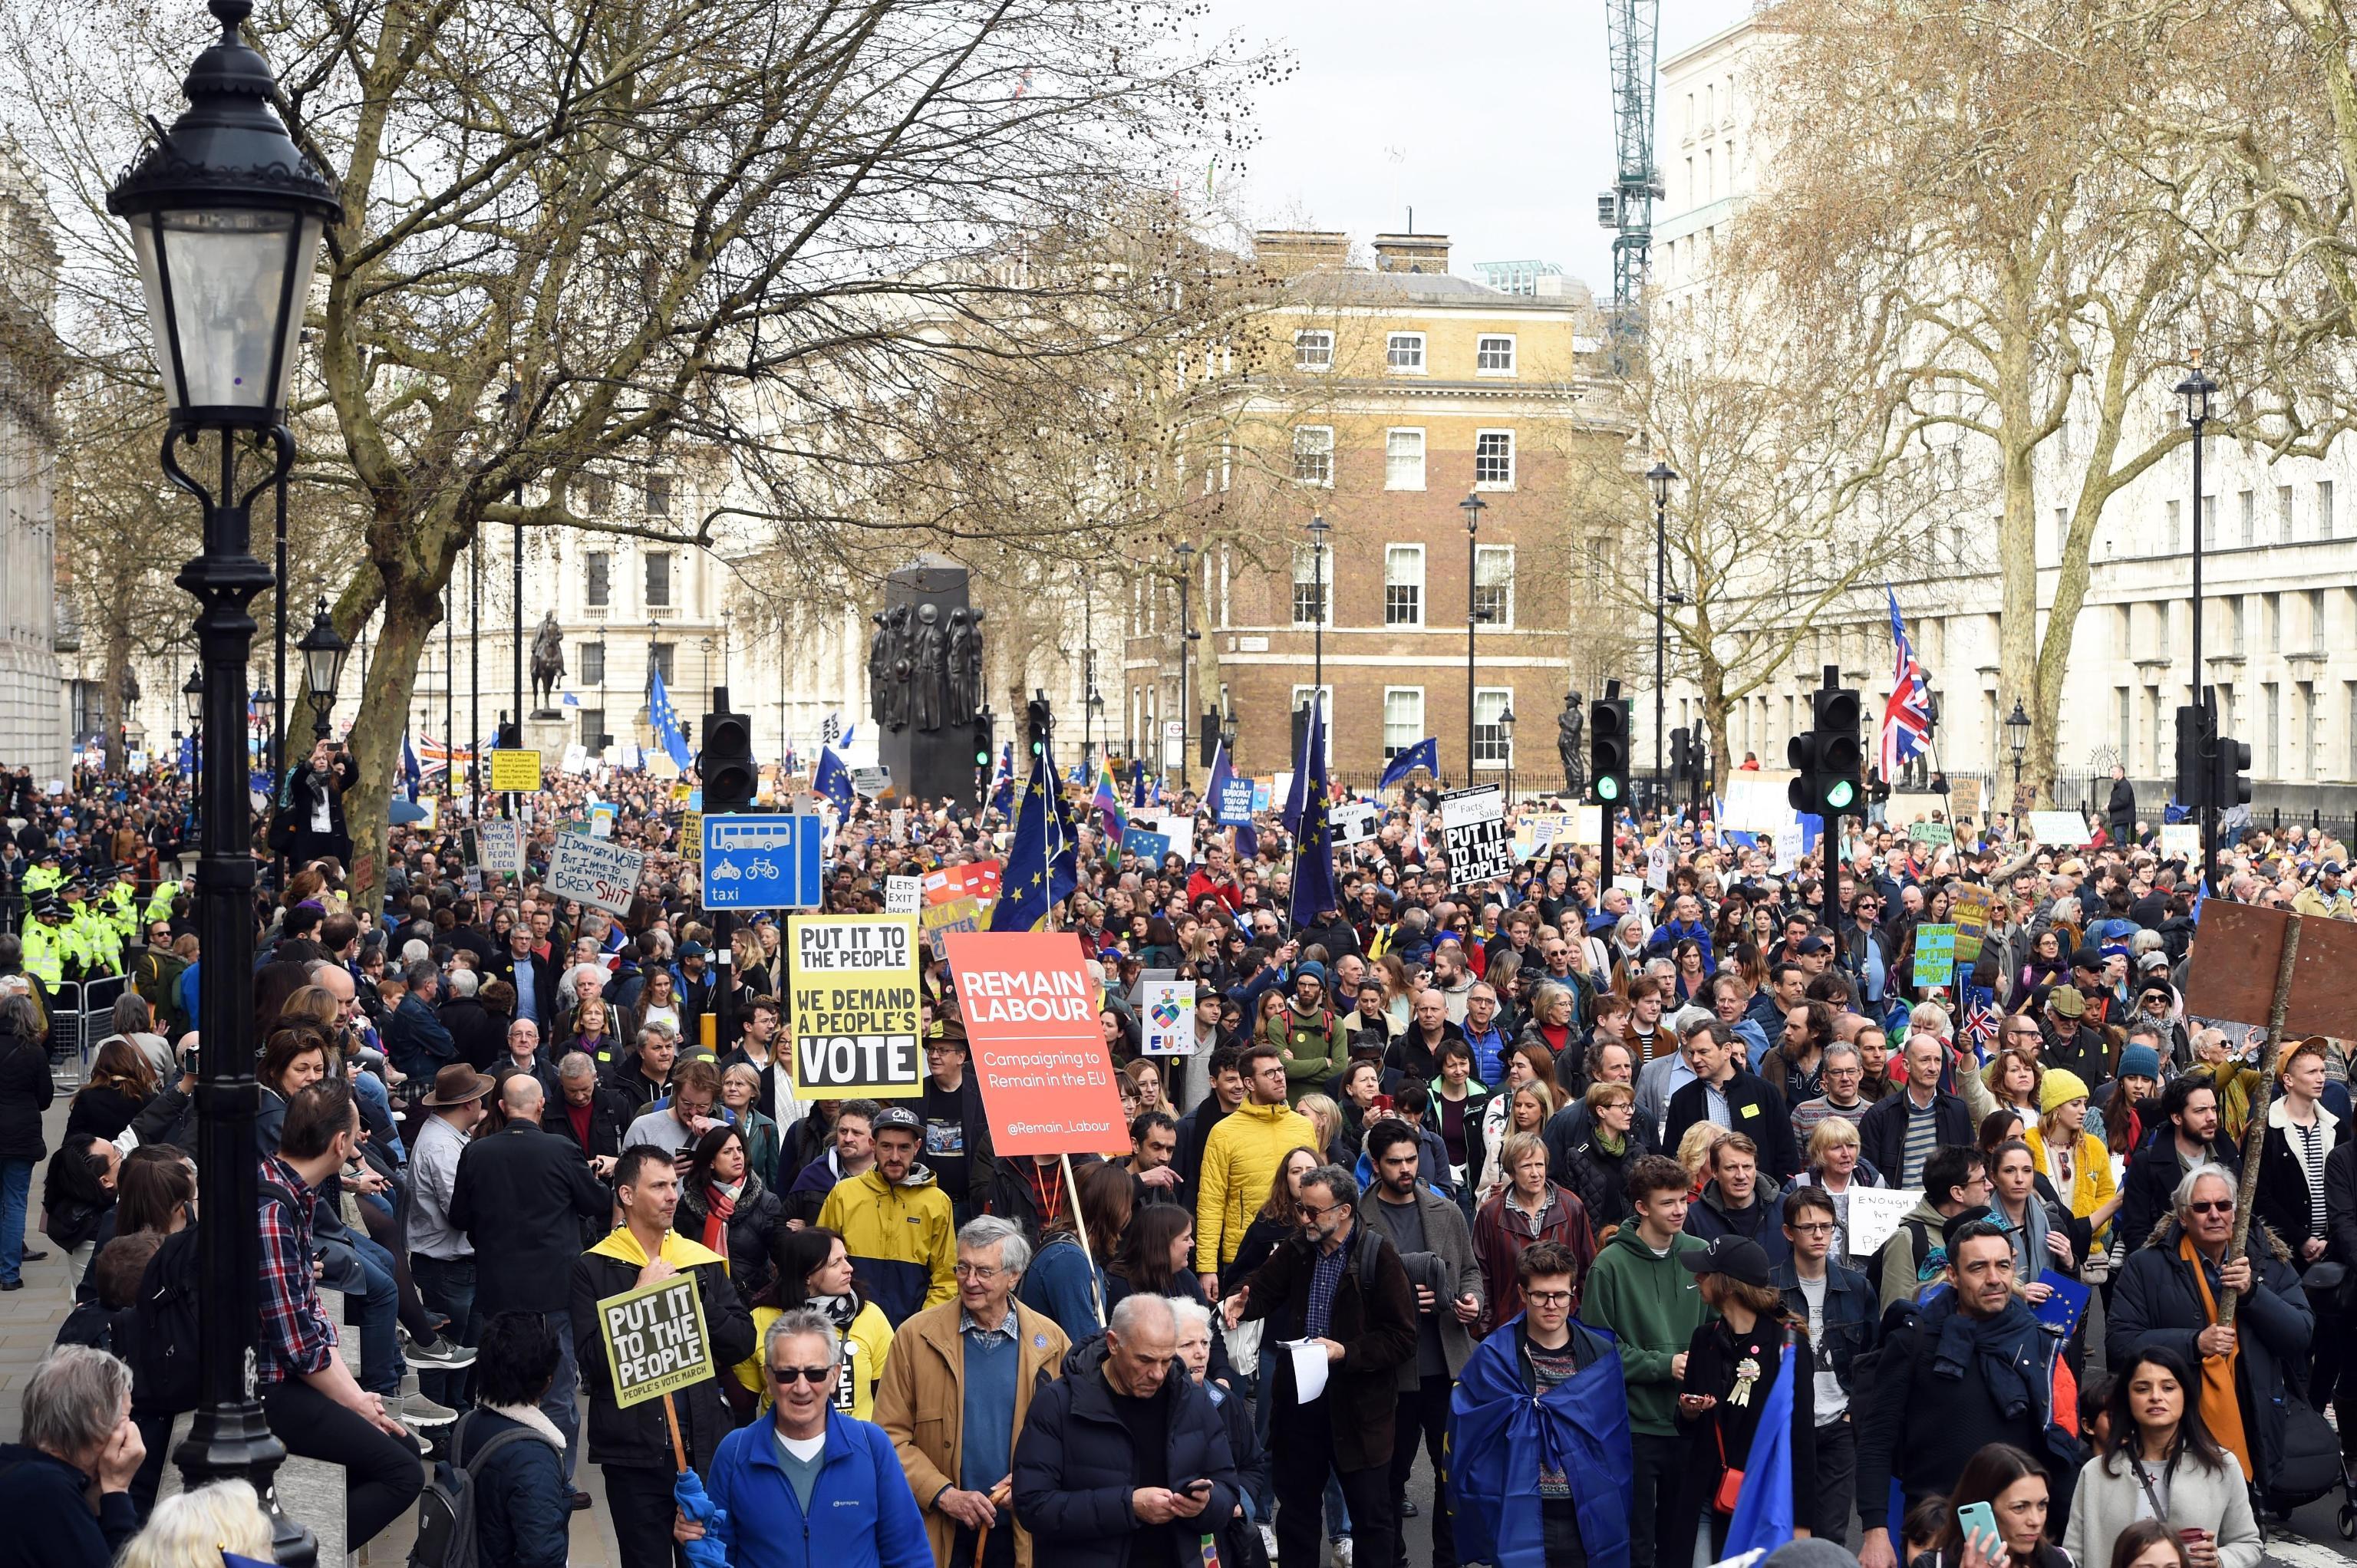 Un milione in piazza a londra contro la brexit la protesta per rimanere nell 39 ue gazzetta del sud - Incidente giardini naxos oggi ...